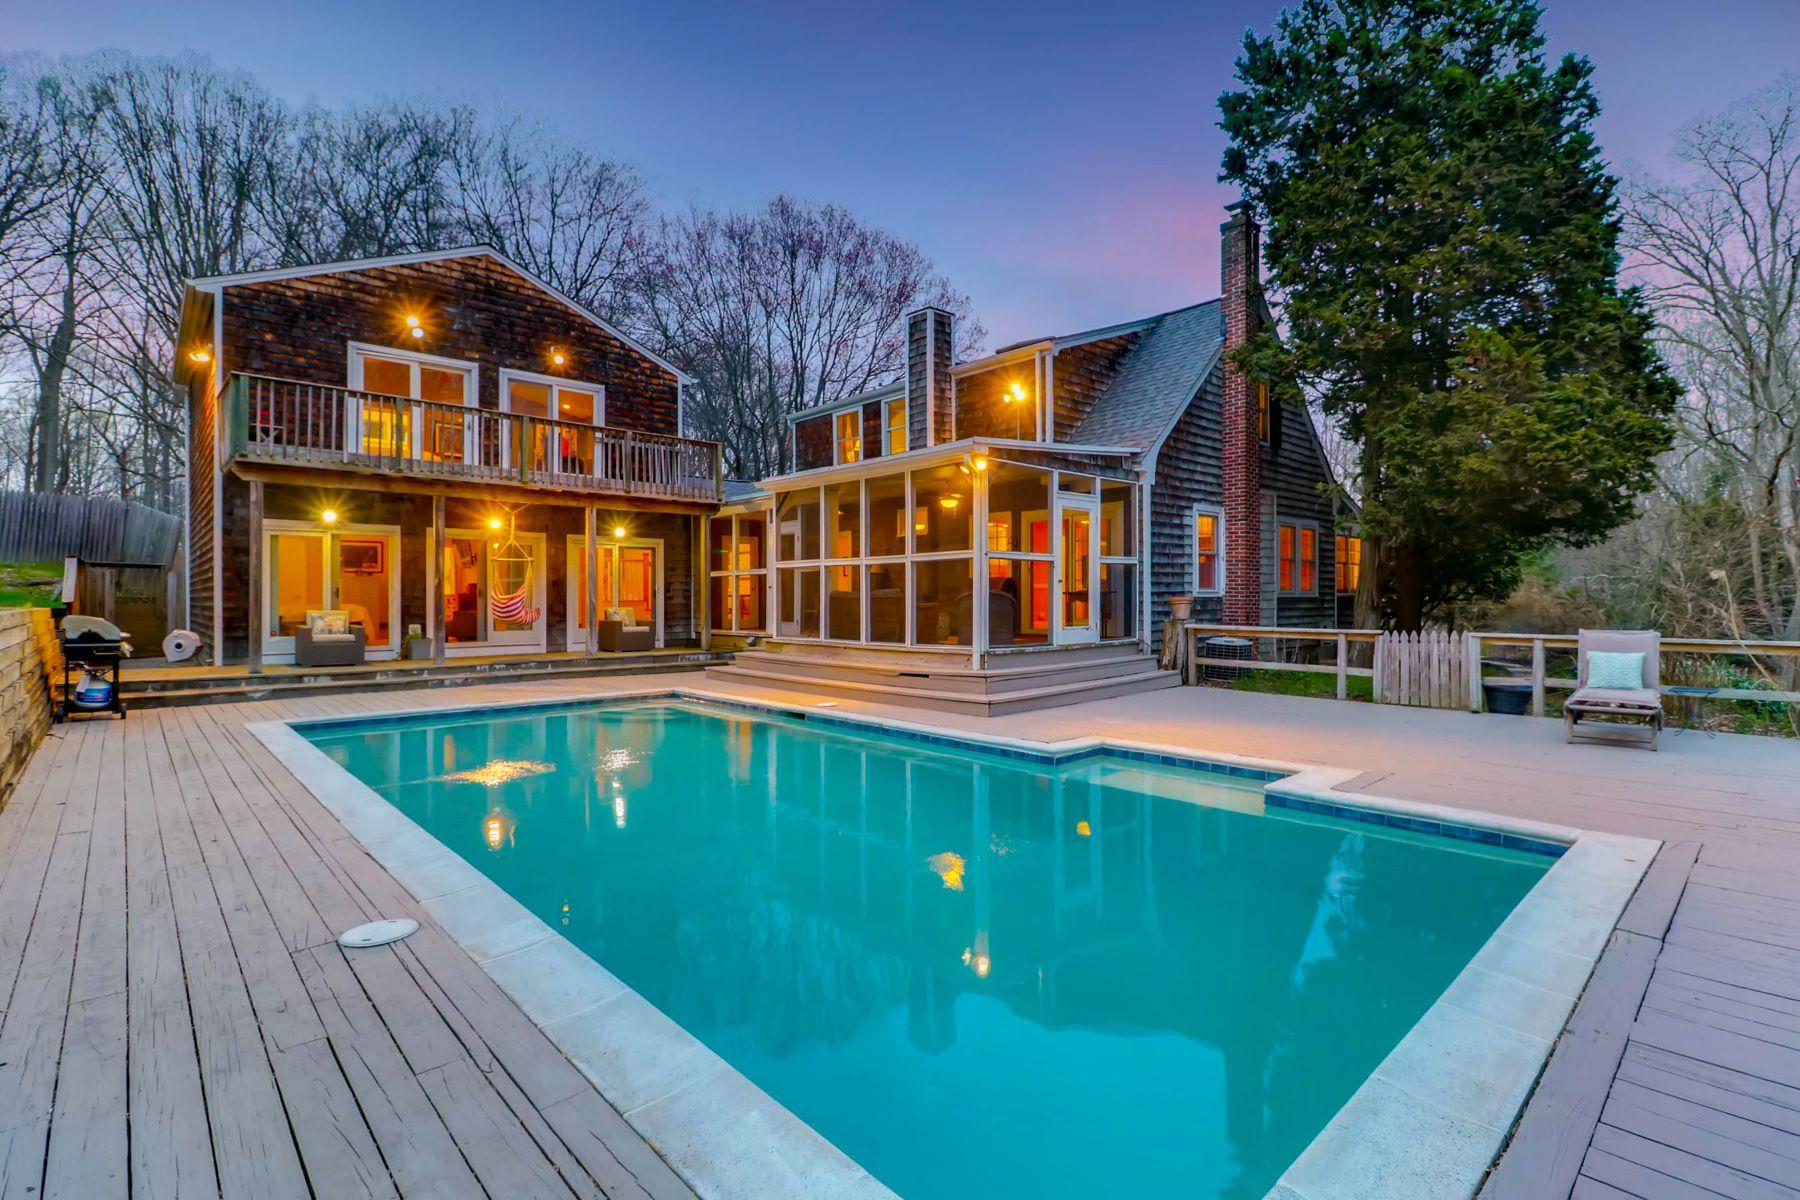 Частный односемейный дом для того Продажа на 11032 Park Heights Avenue, Owings Mills, Maryland 21117 Owings Mills, Мэриленд 21117 Соединенные Штаты